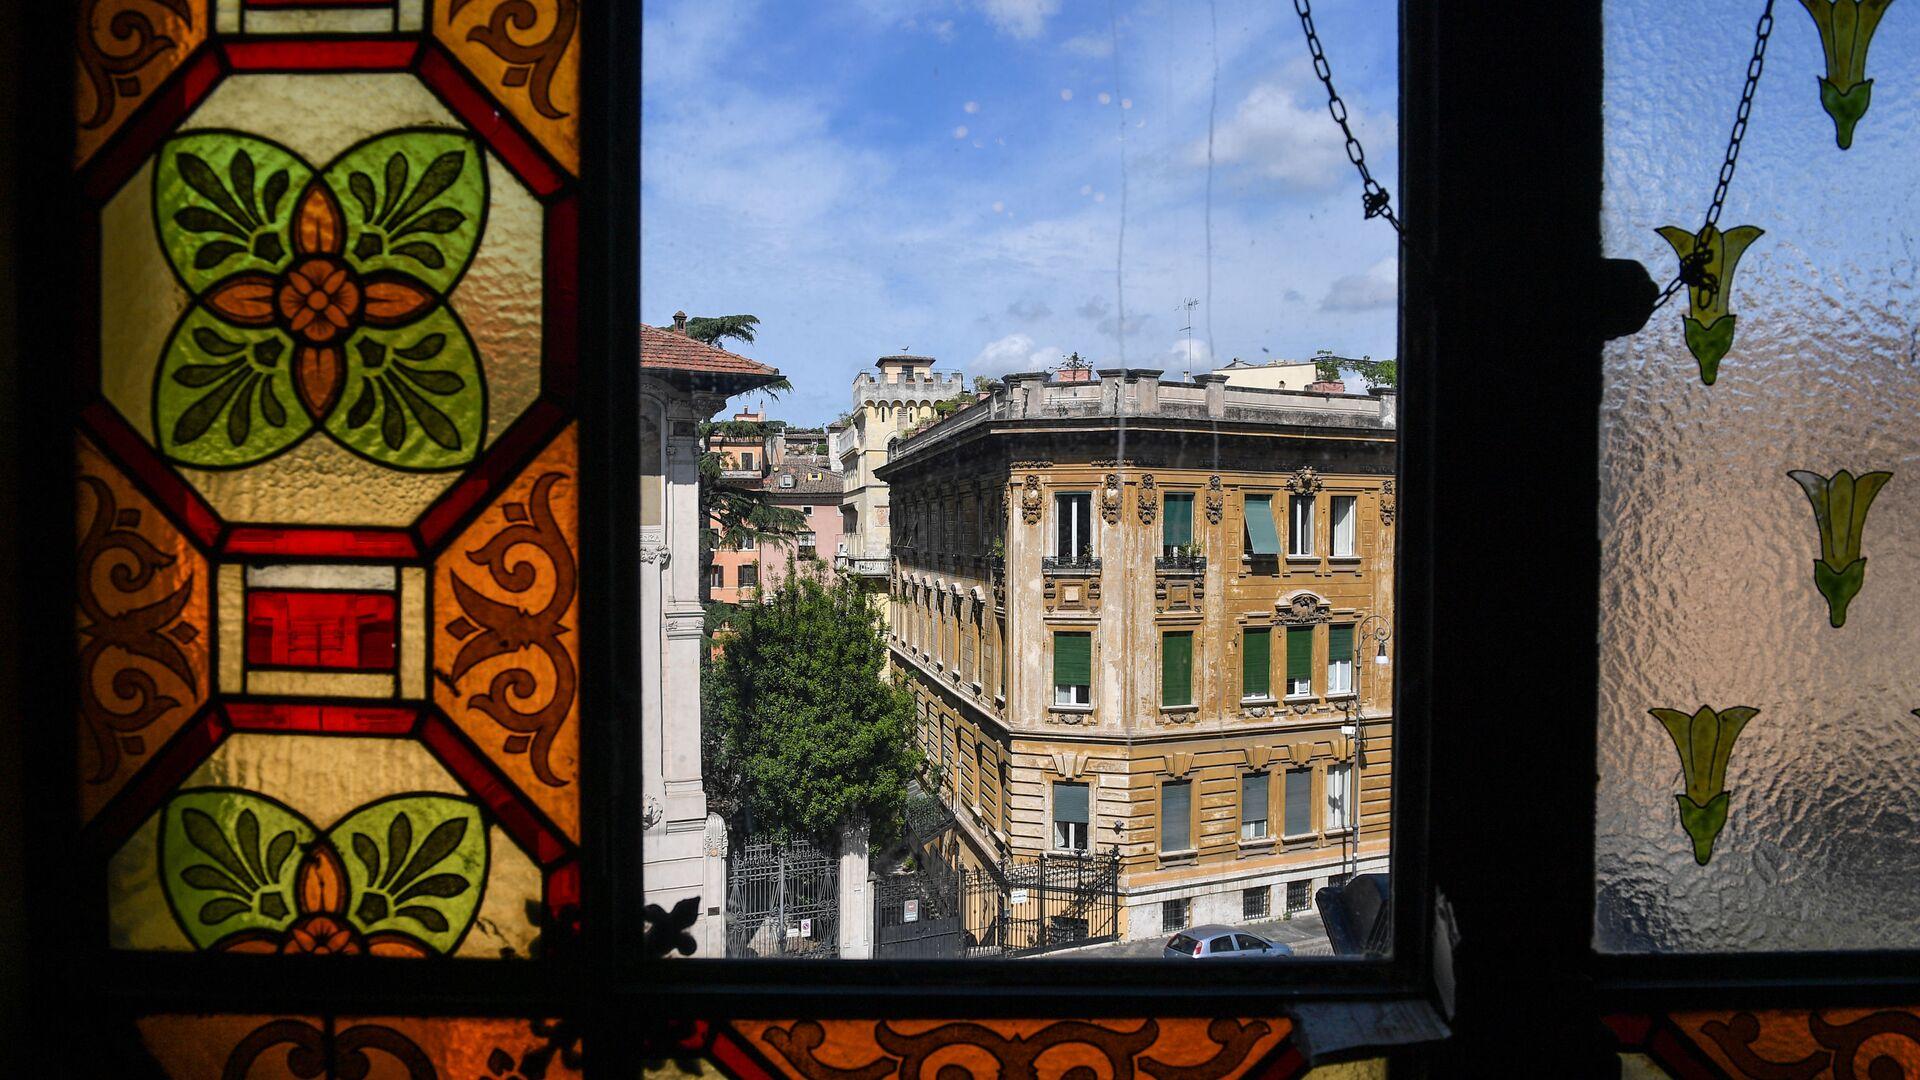 La vista dal Tempio Maggiore, la principale sinagoga di Roma - Sputnik Italia, 1920, 10.07.2021